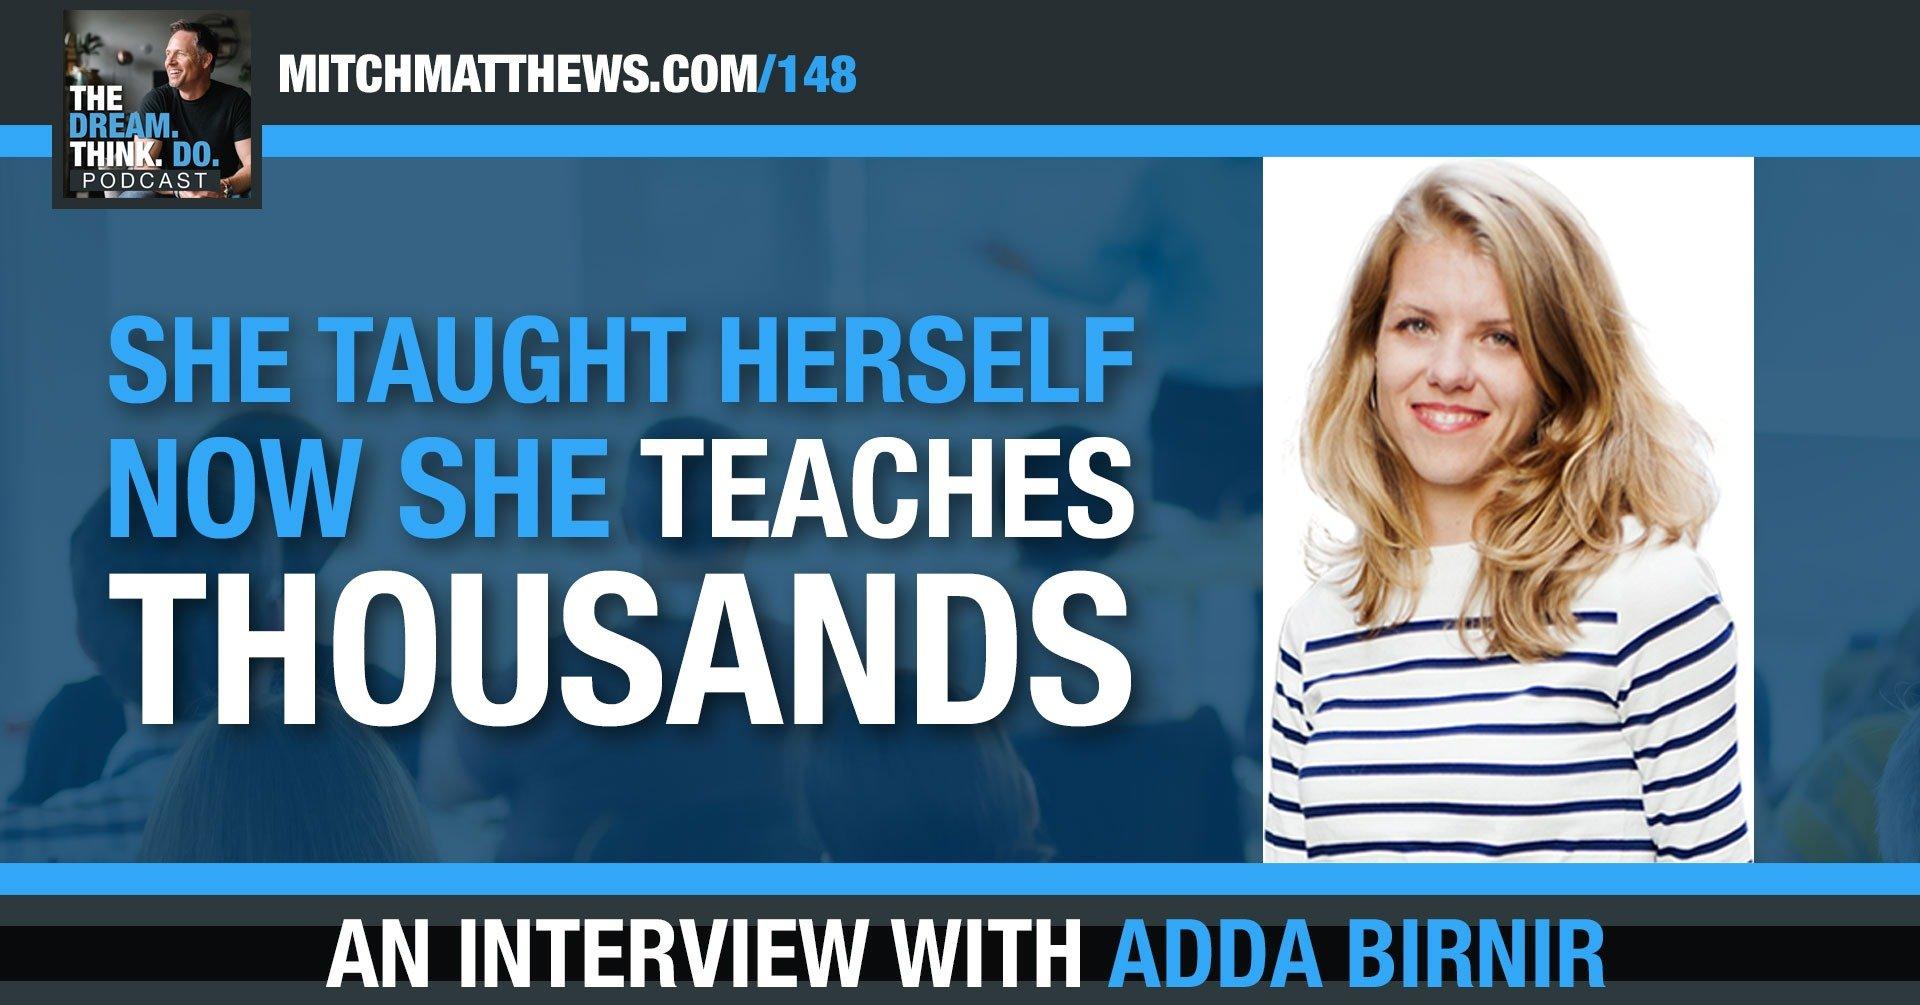 Adda Birnir | She taught herself. (Now she teaches thousands!)